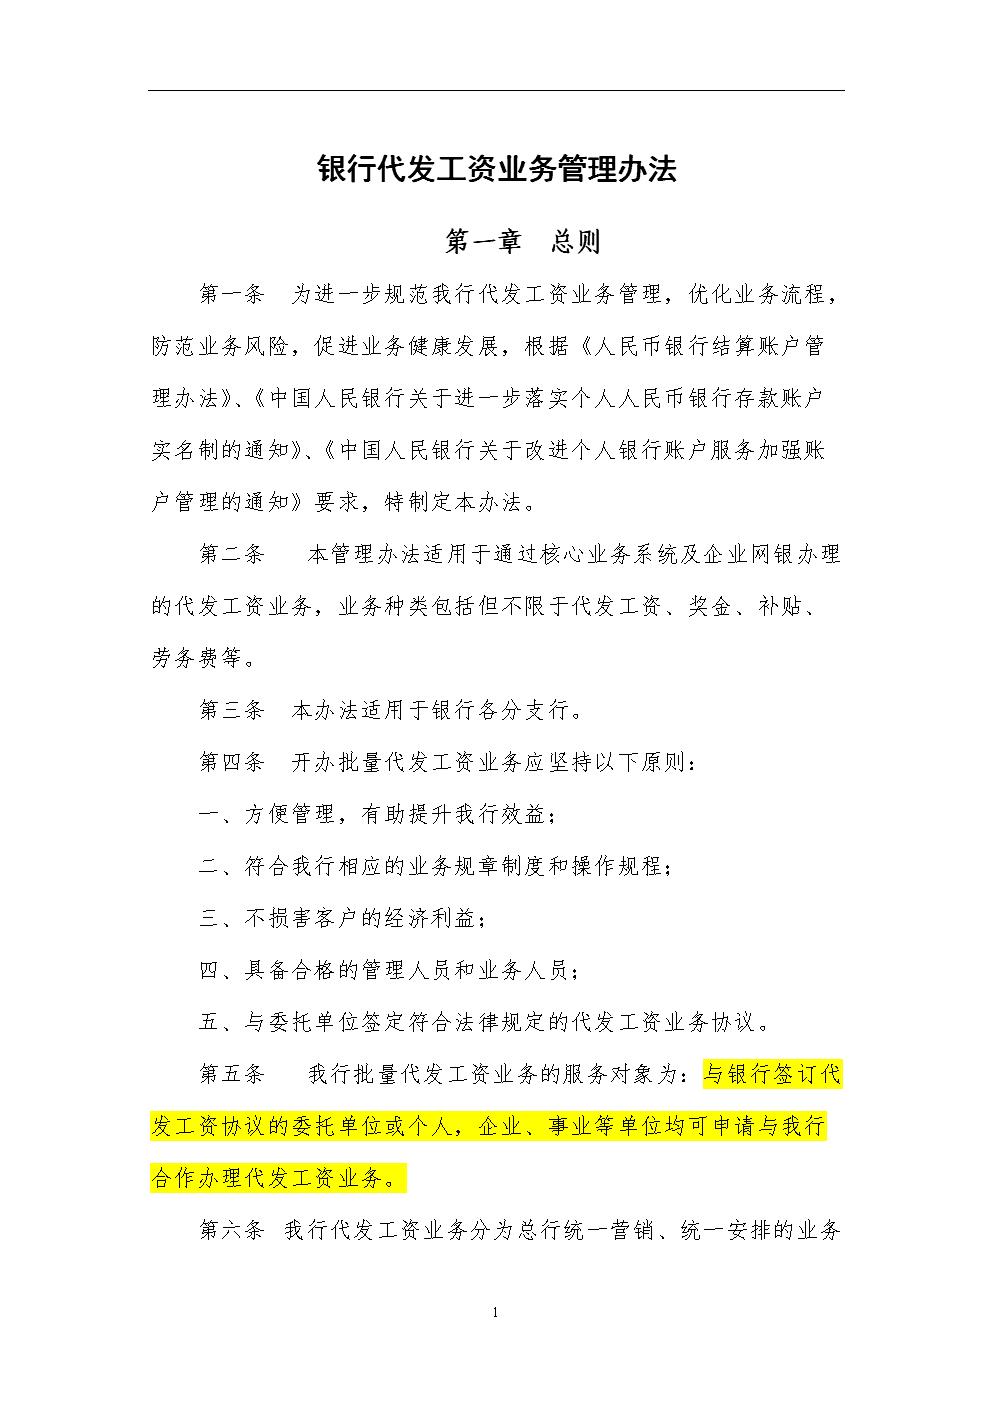 银行代发工资业务管理办法 修订模版.doc